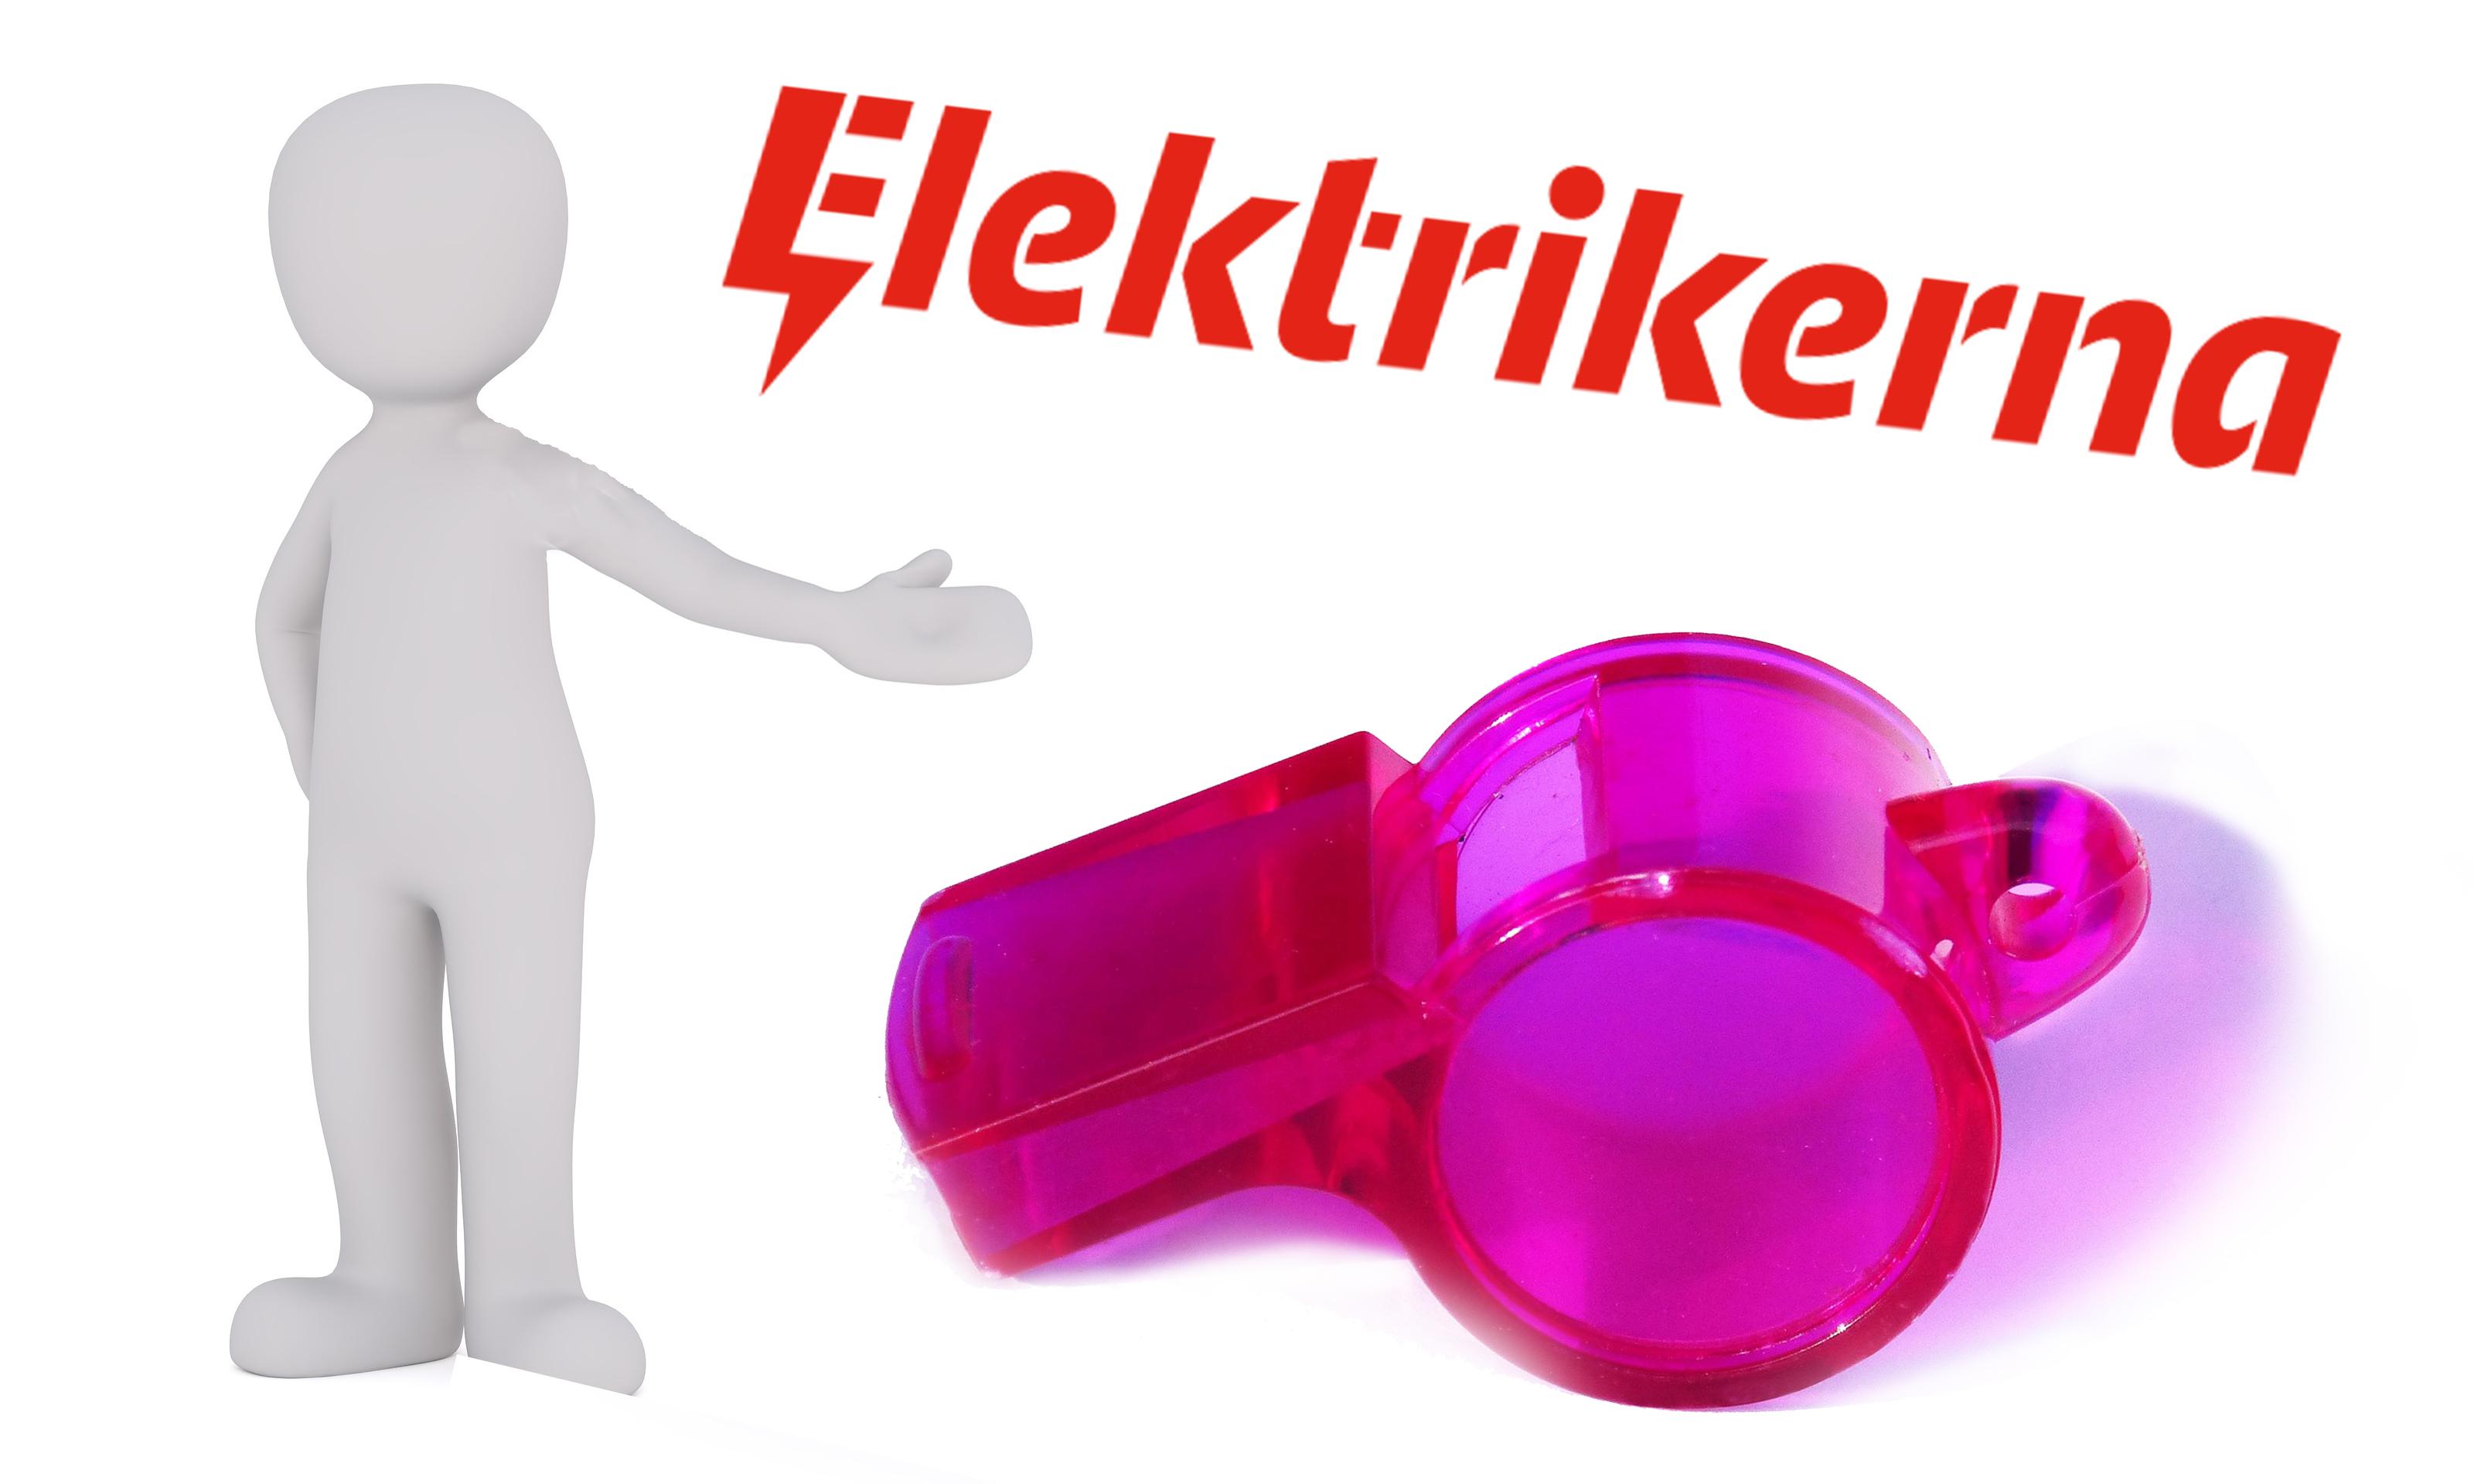 Bilden föreställer en vit lergubbe som gestikulerar med ena handen mot en stor, rosa visselpipa under Elektrikerförbundets logotyp.